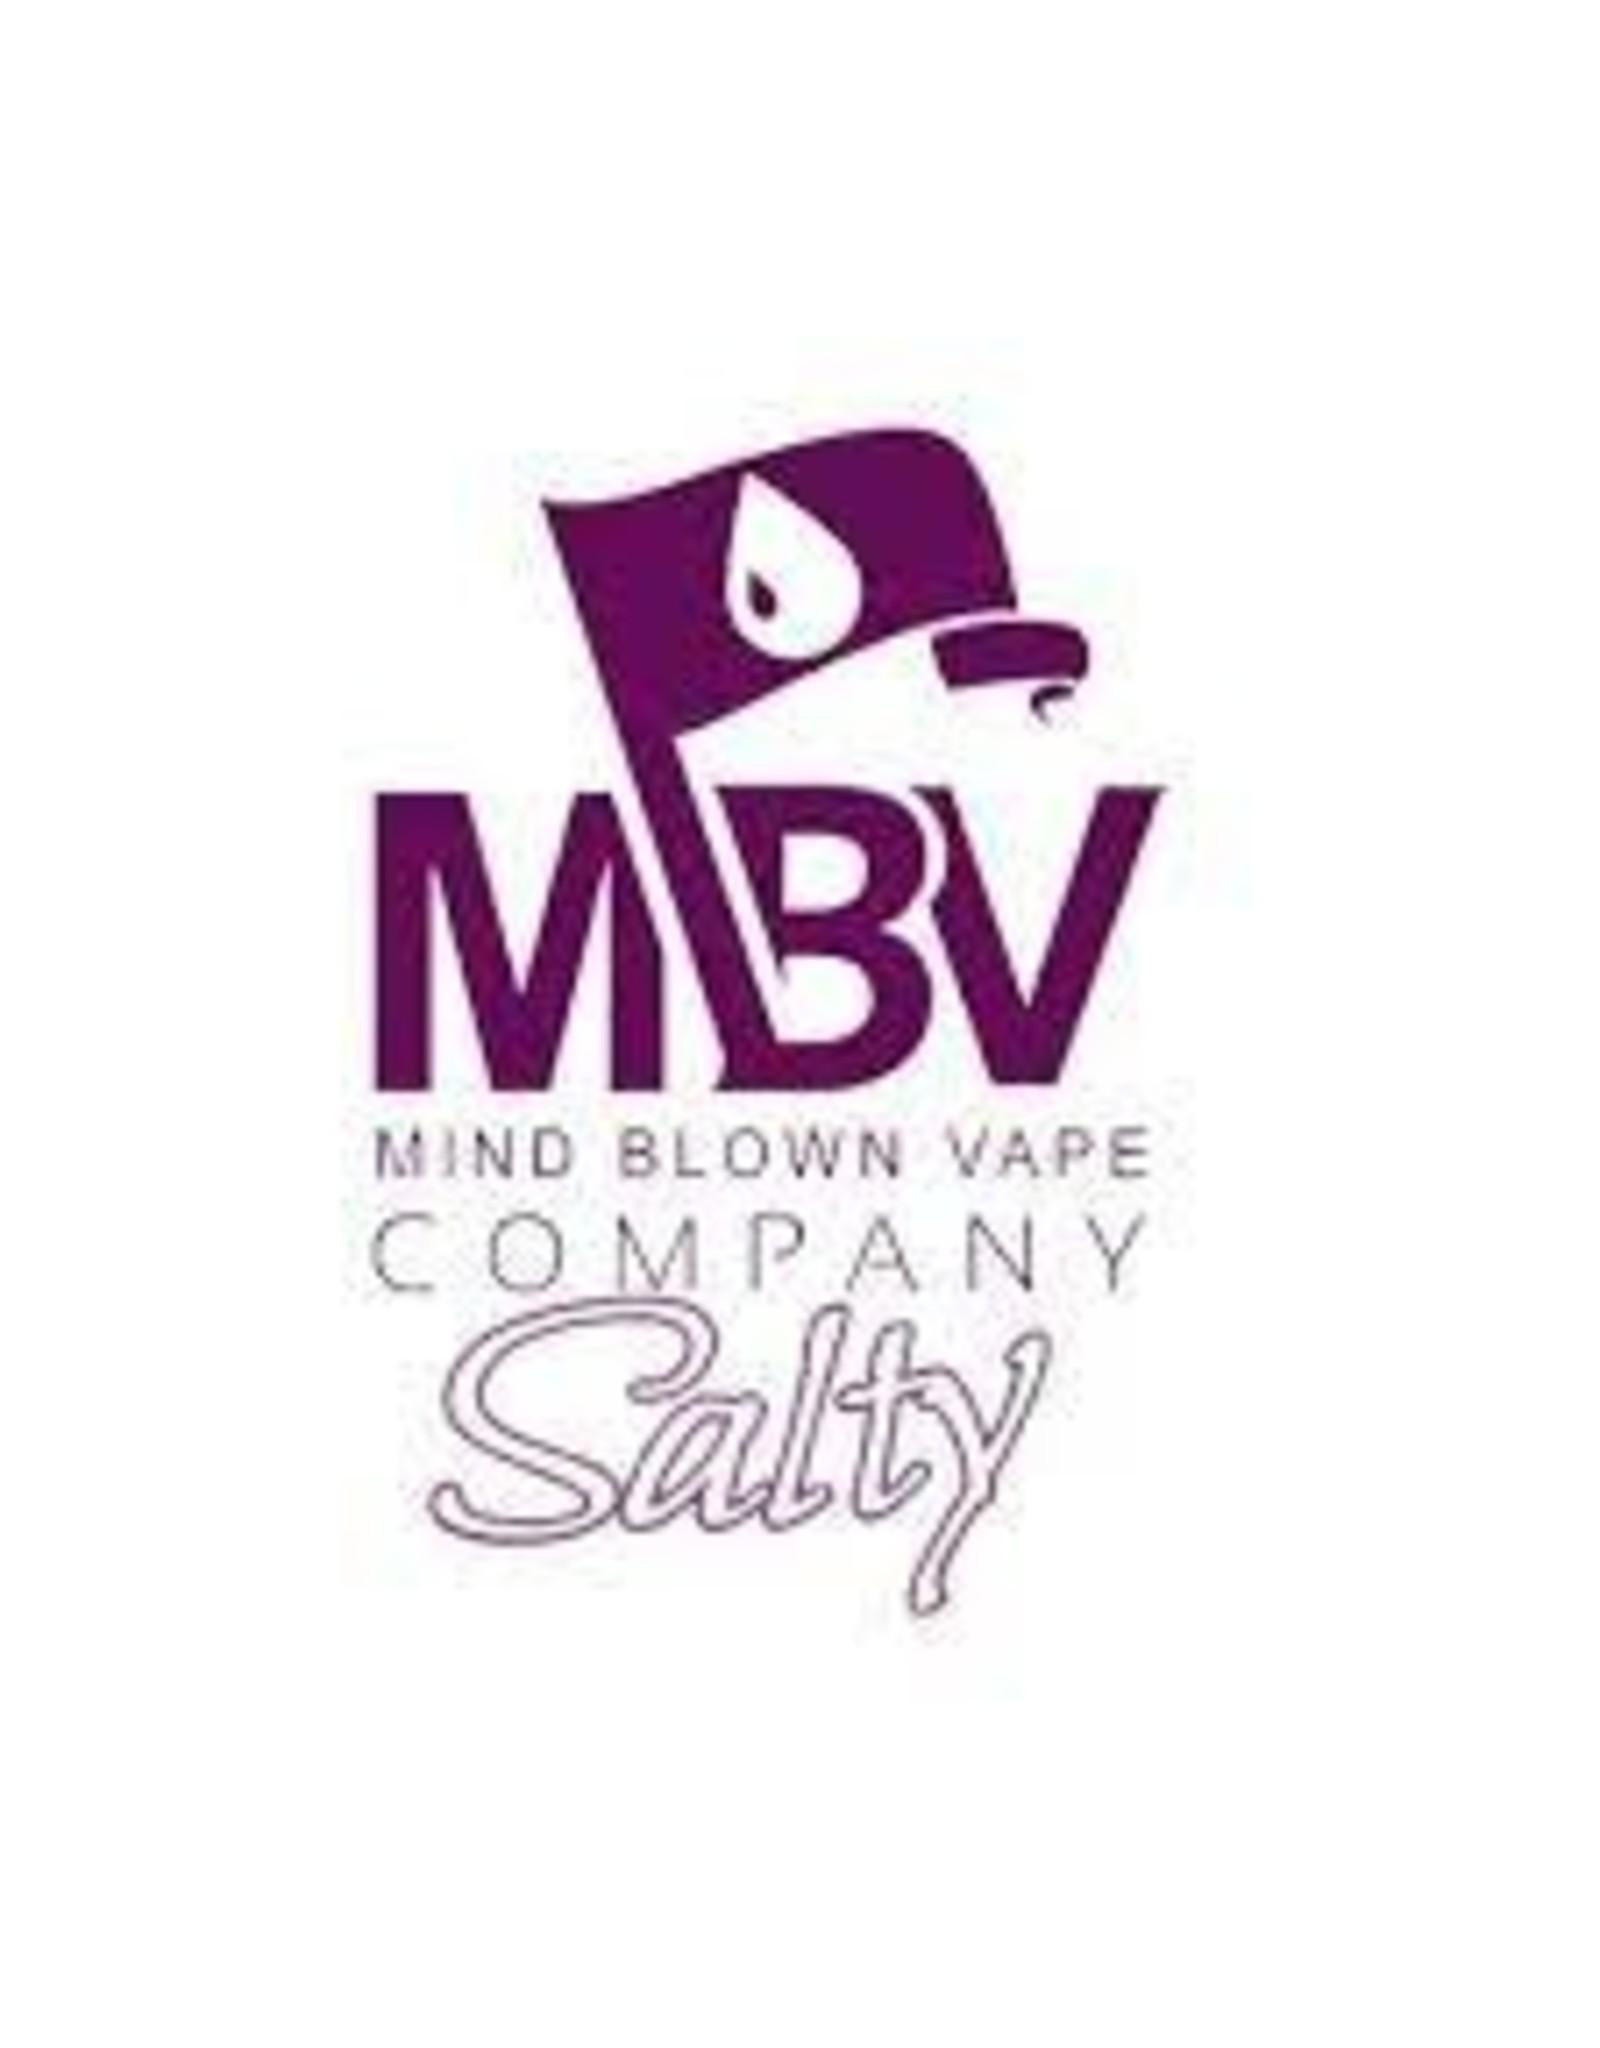 MBV Salts